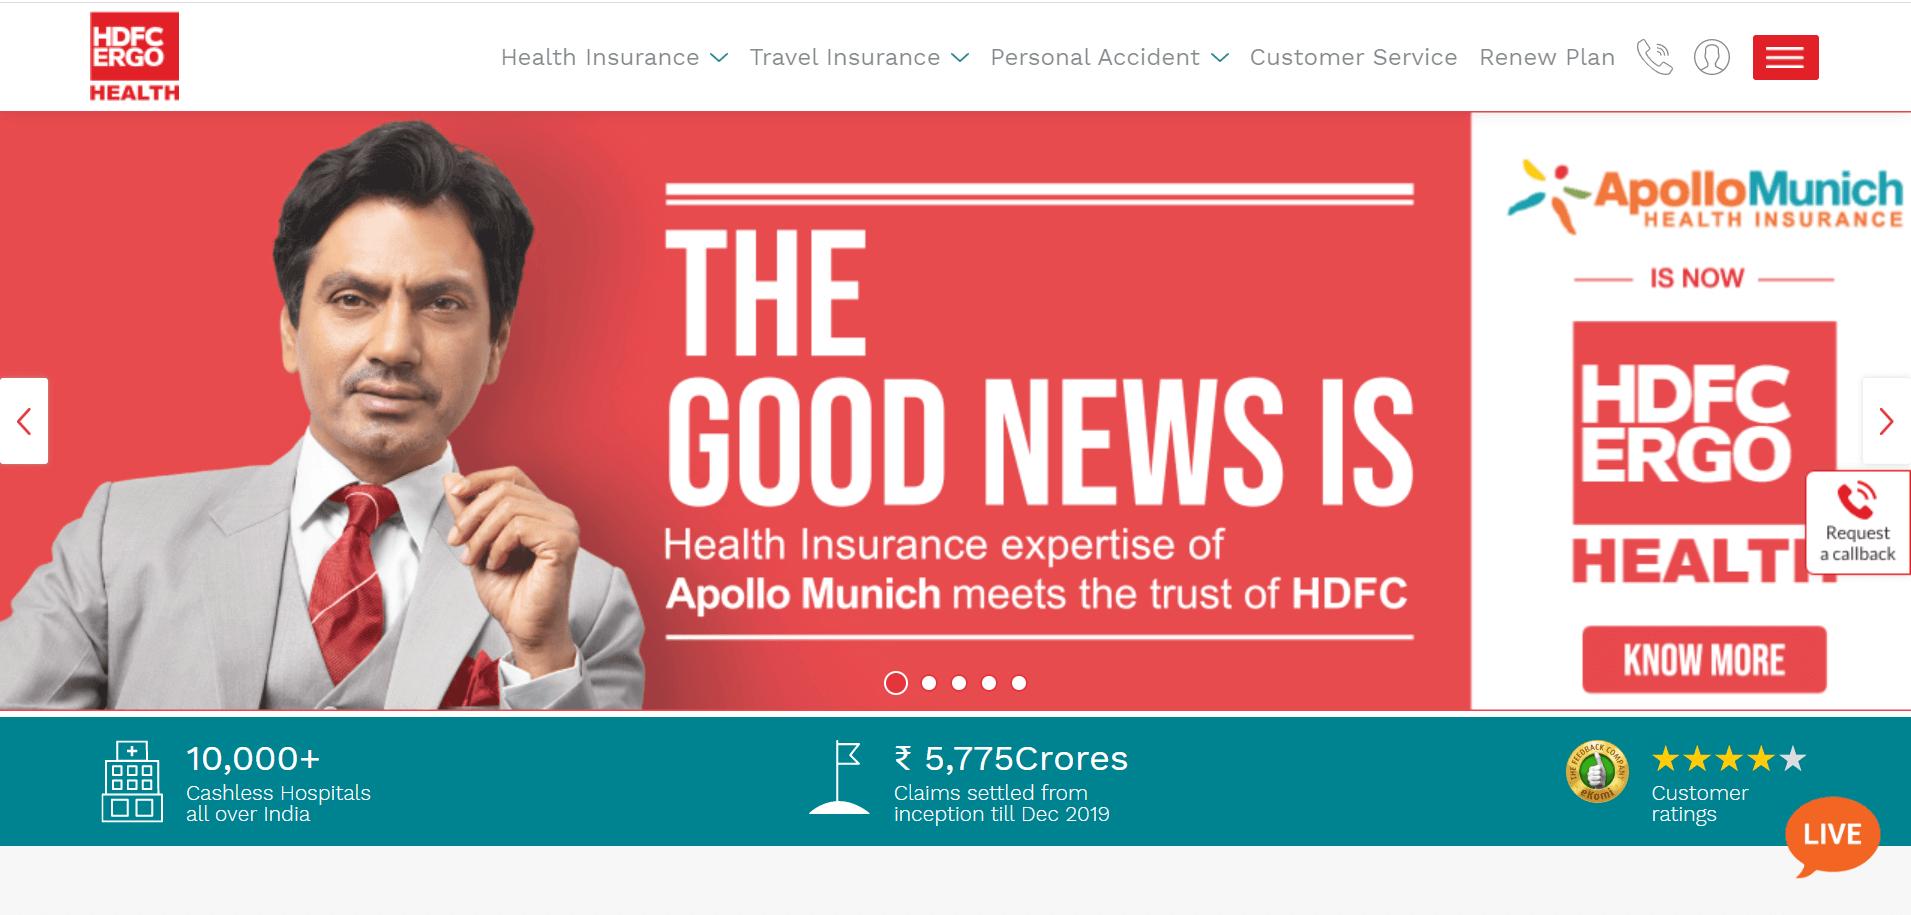 Apollo Munich Optima Restore Family Health Insurance Plan